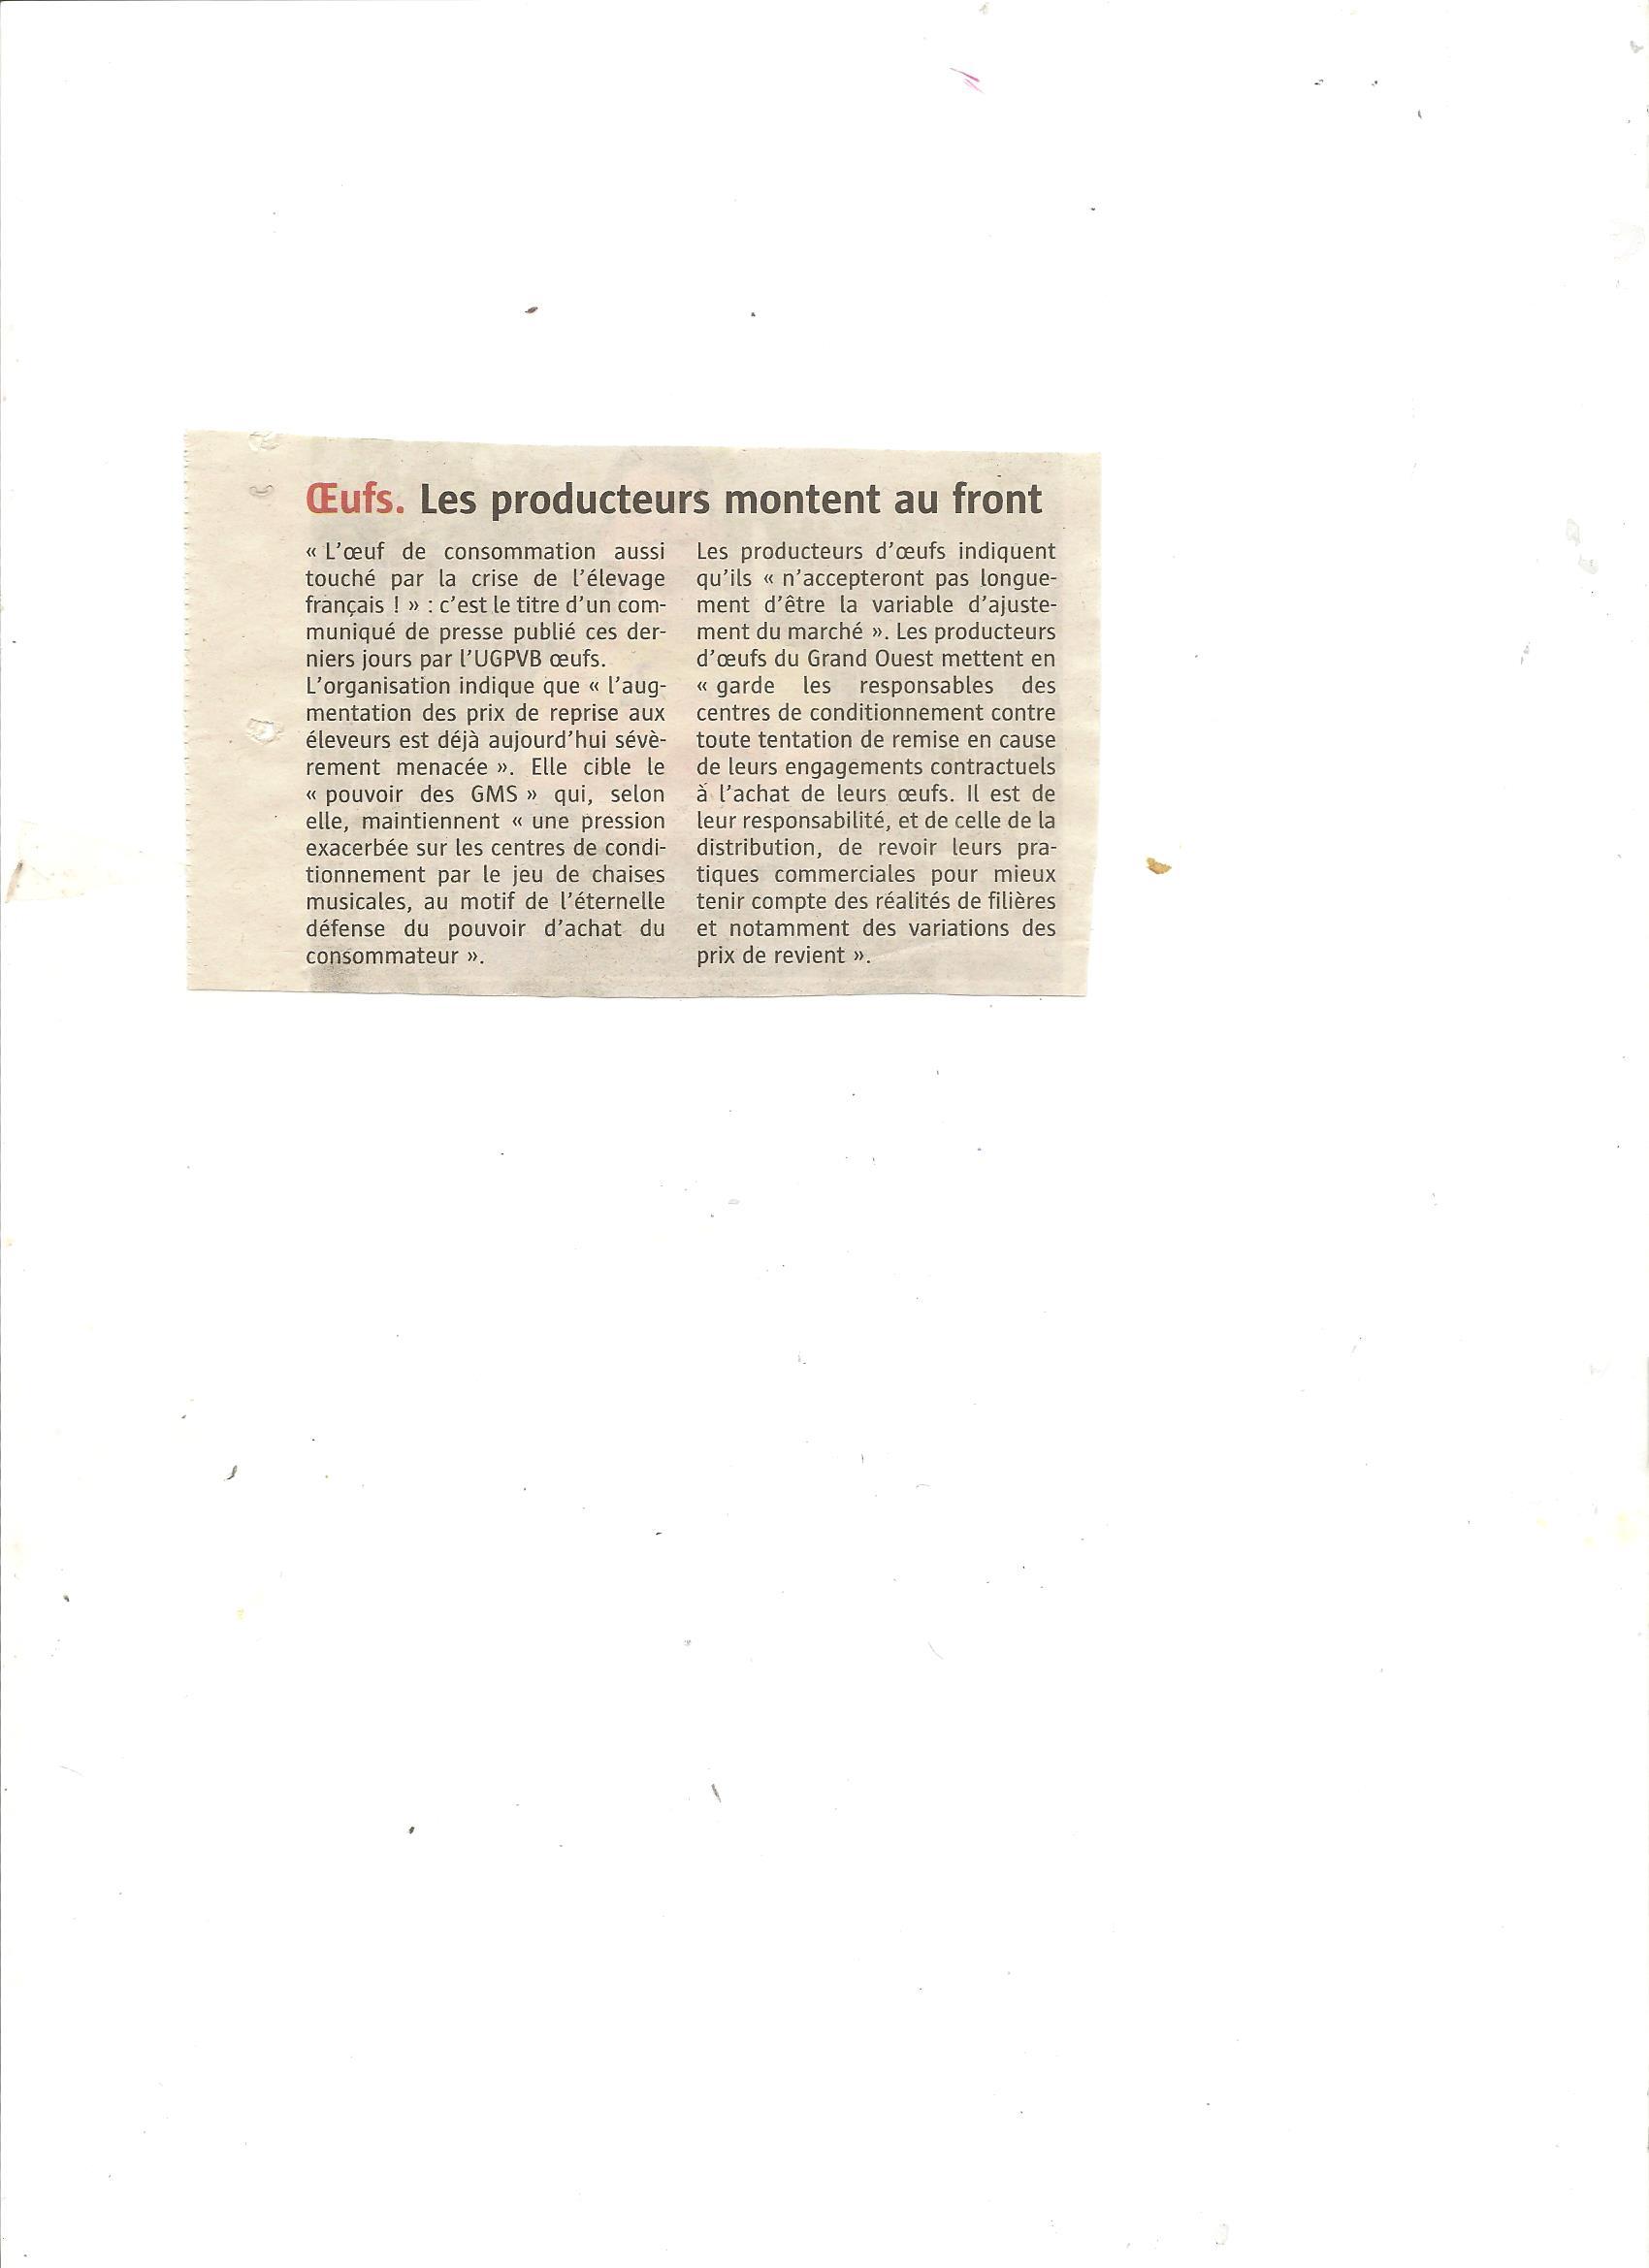 Article Télégramme du 09/09/15